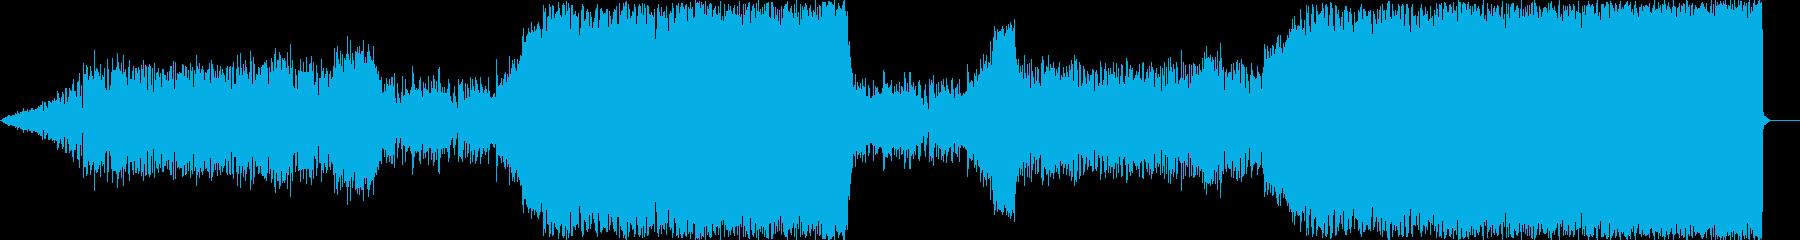 民族楽器 + テクノ音楽の再生済みの波形